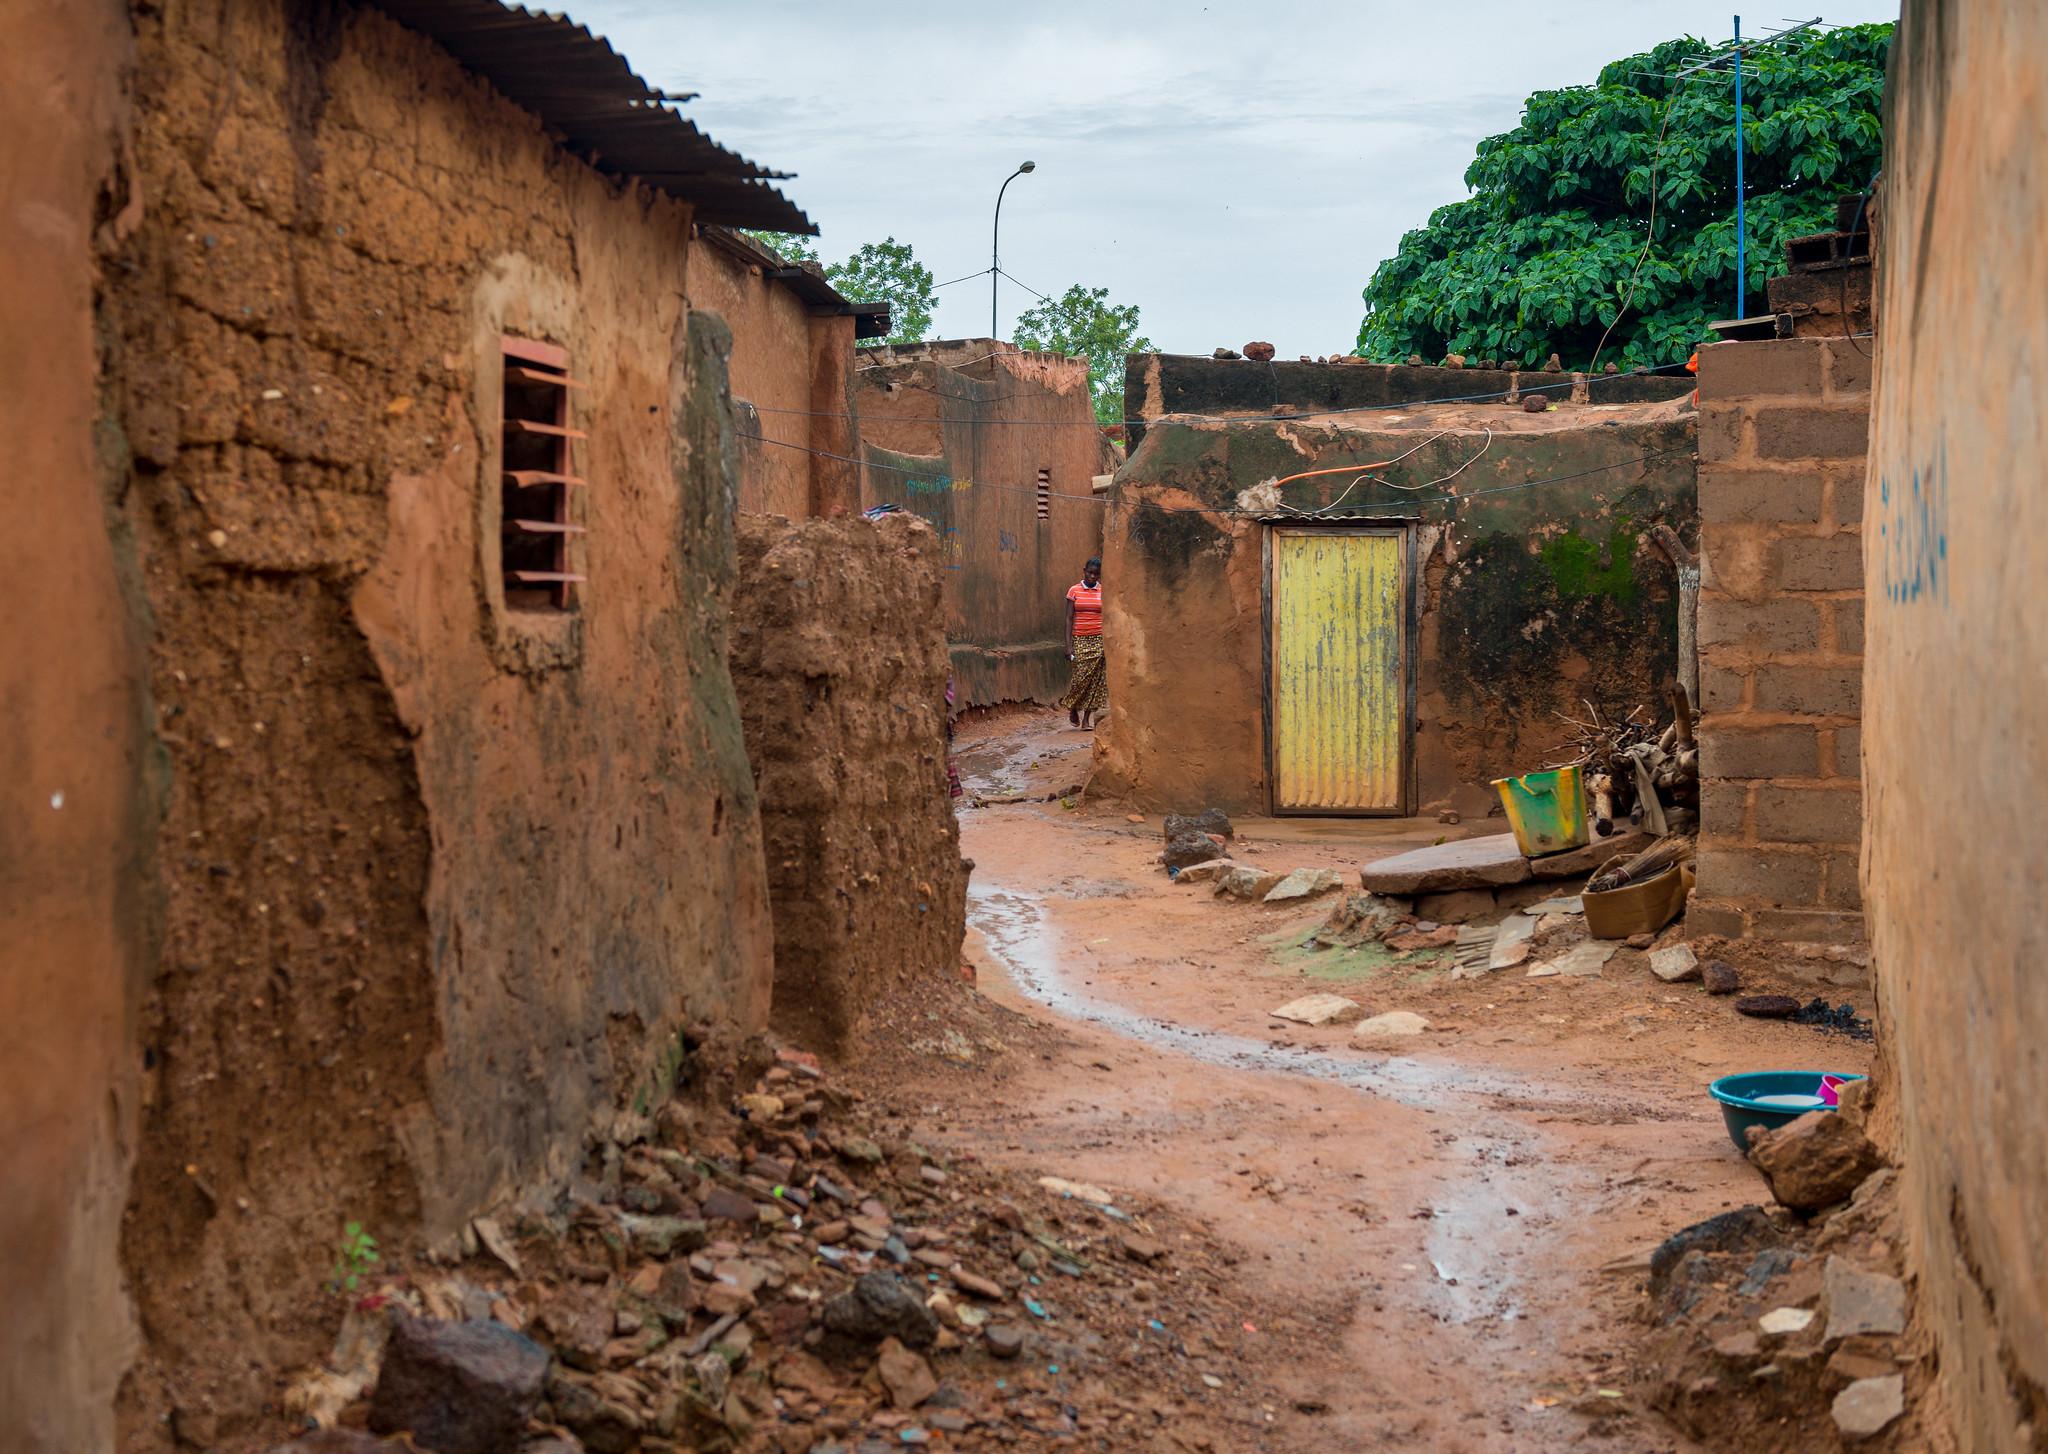 Bobo-Dioulasso Street Scene